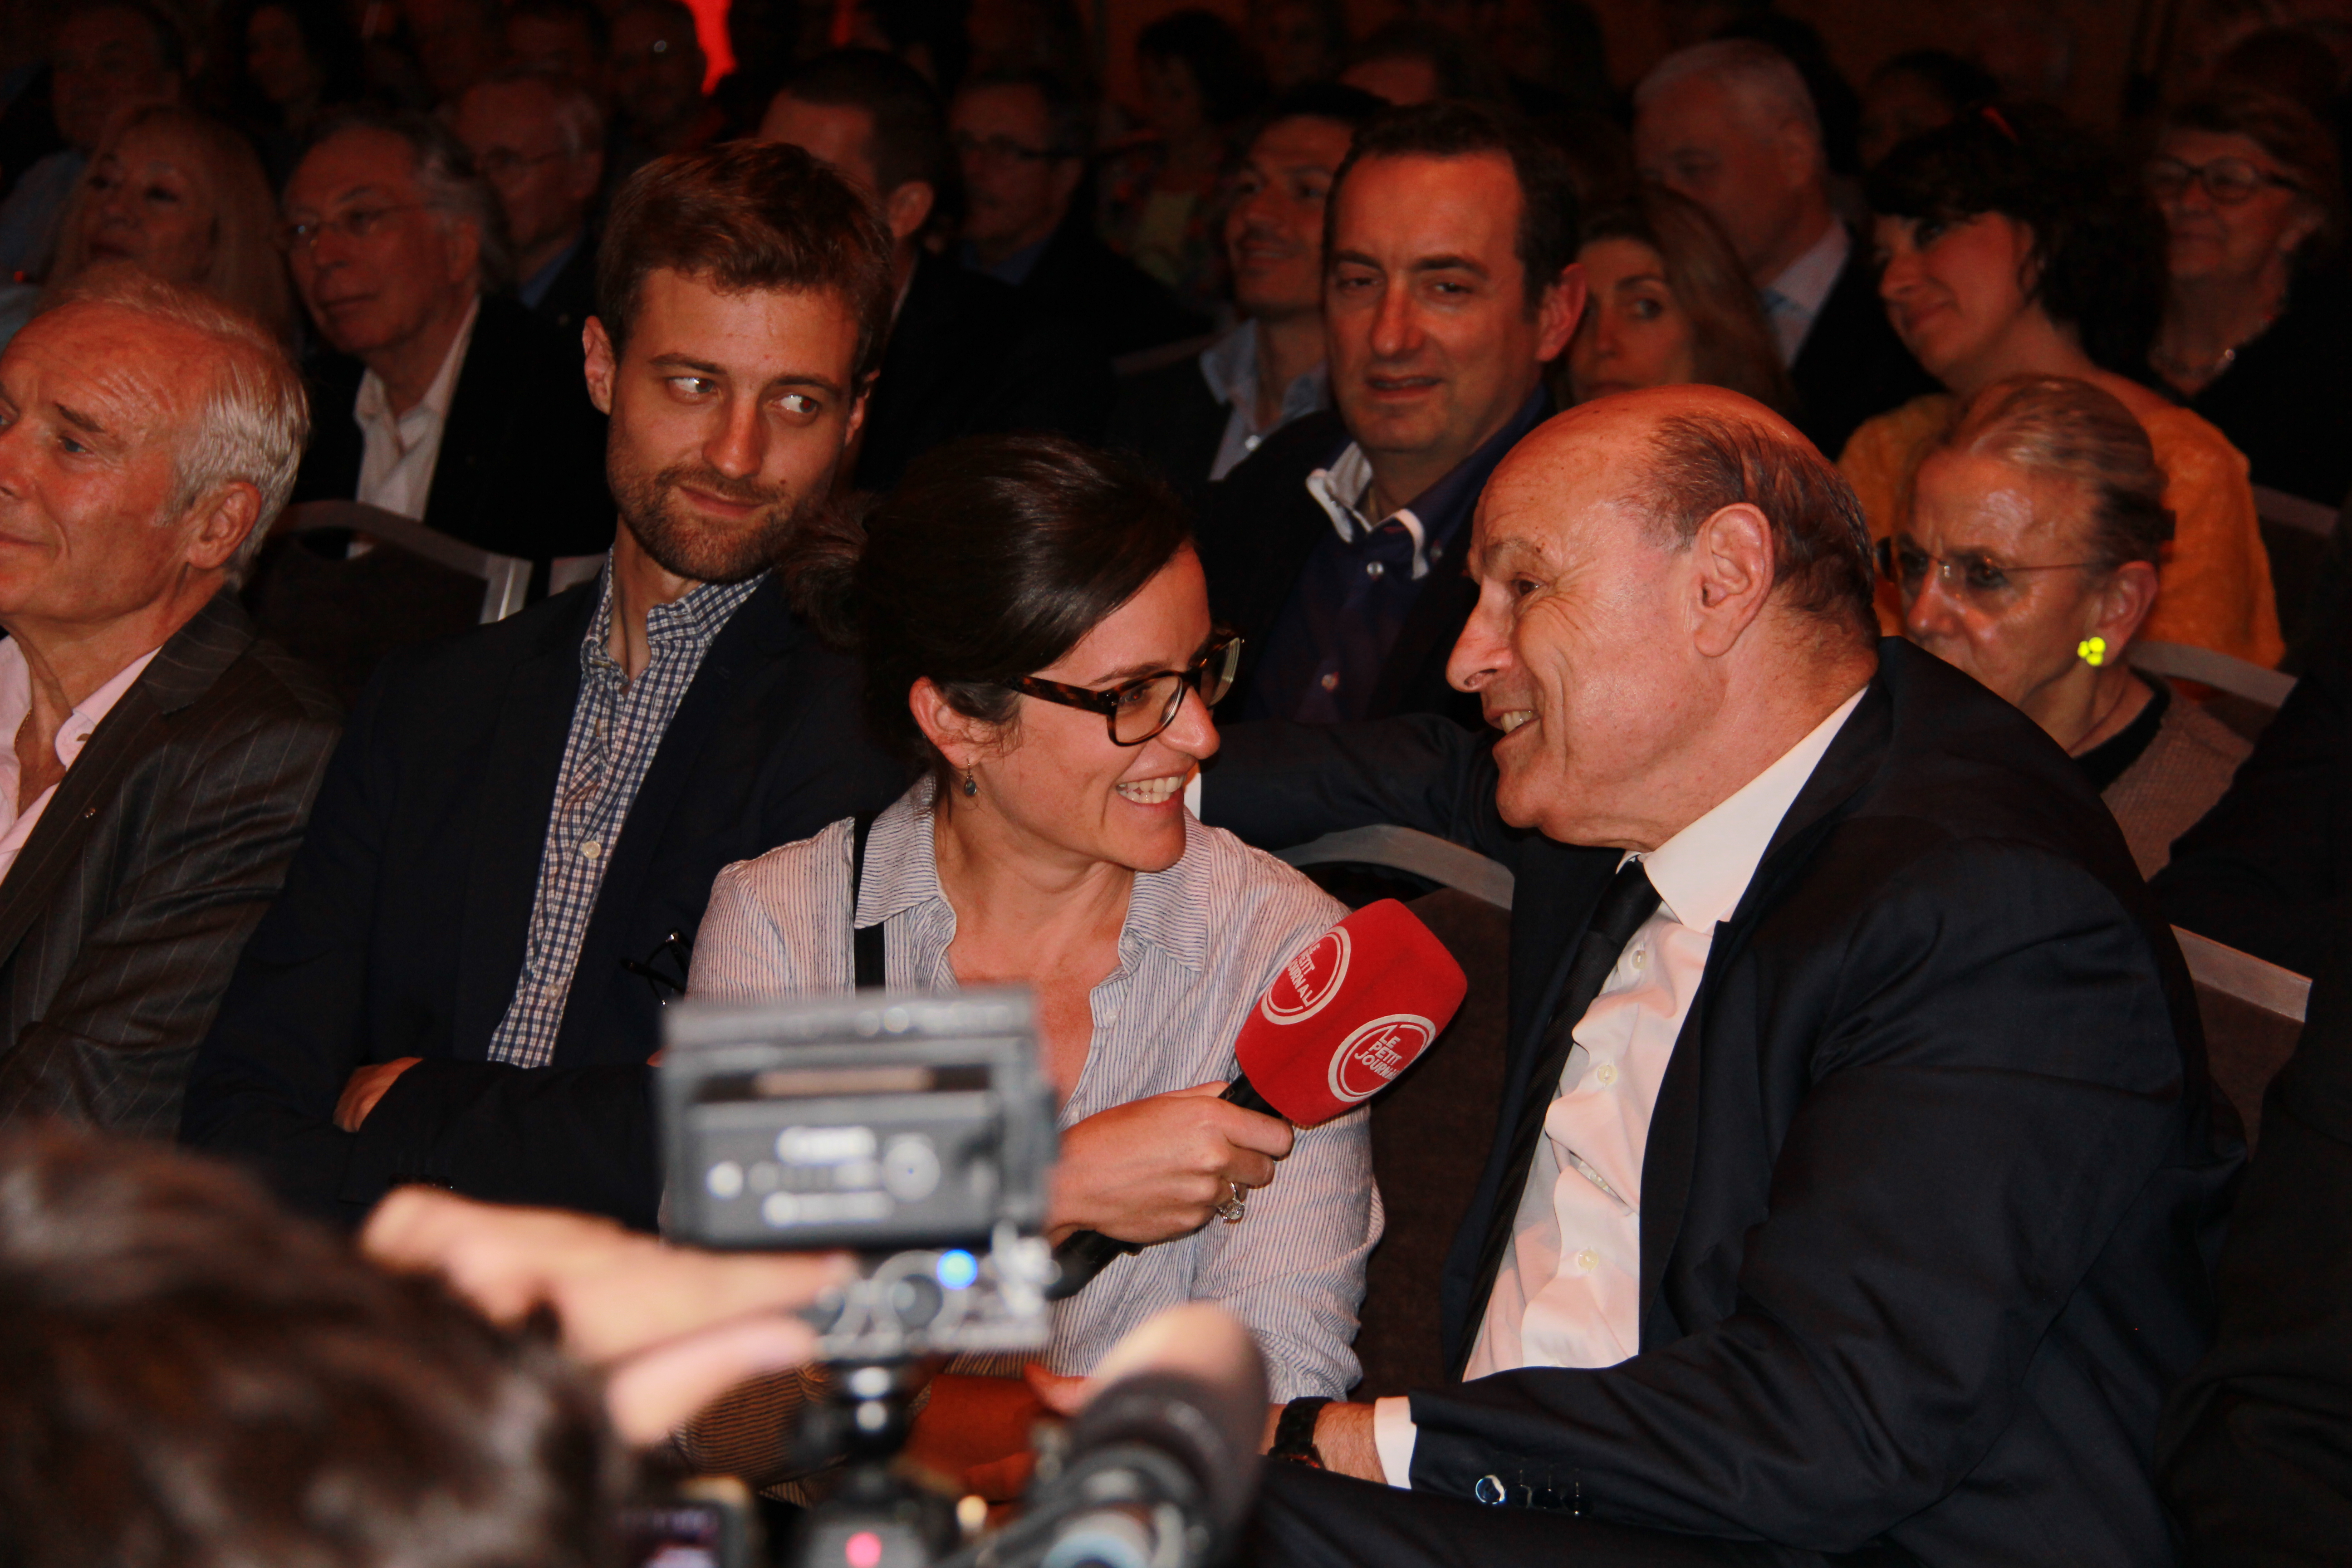 Frédéric Says - France Culture, Jean-Marie Le Guen - Secrétaire d'Etat chargé des relations avec le Parlement interviewé par le Petit Journal de Canal +